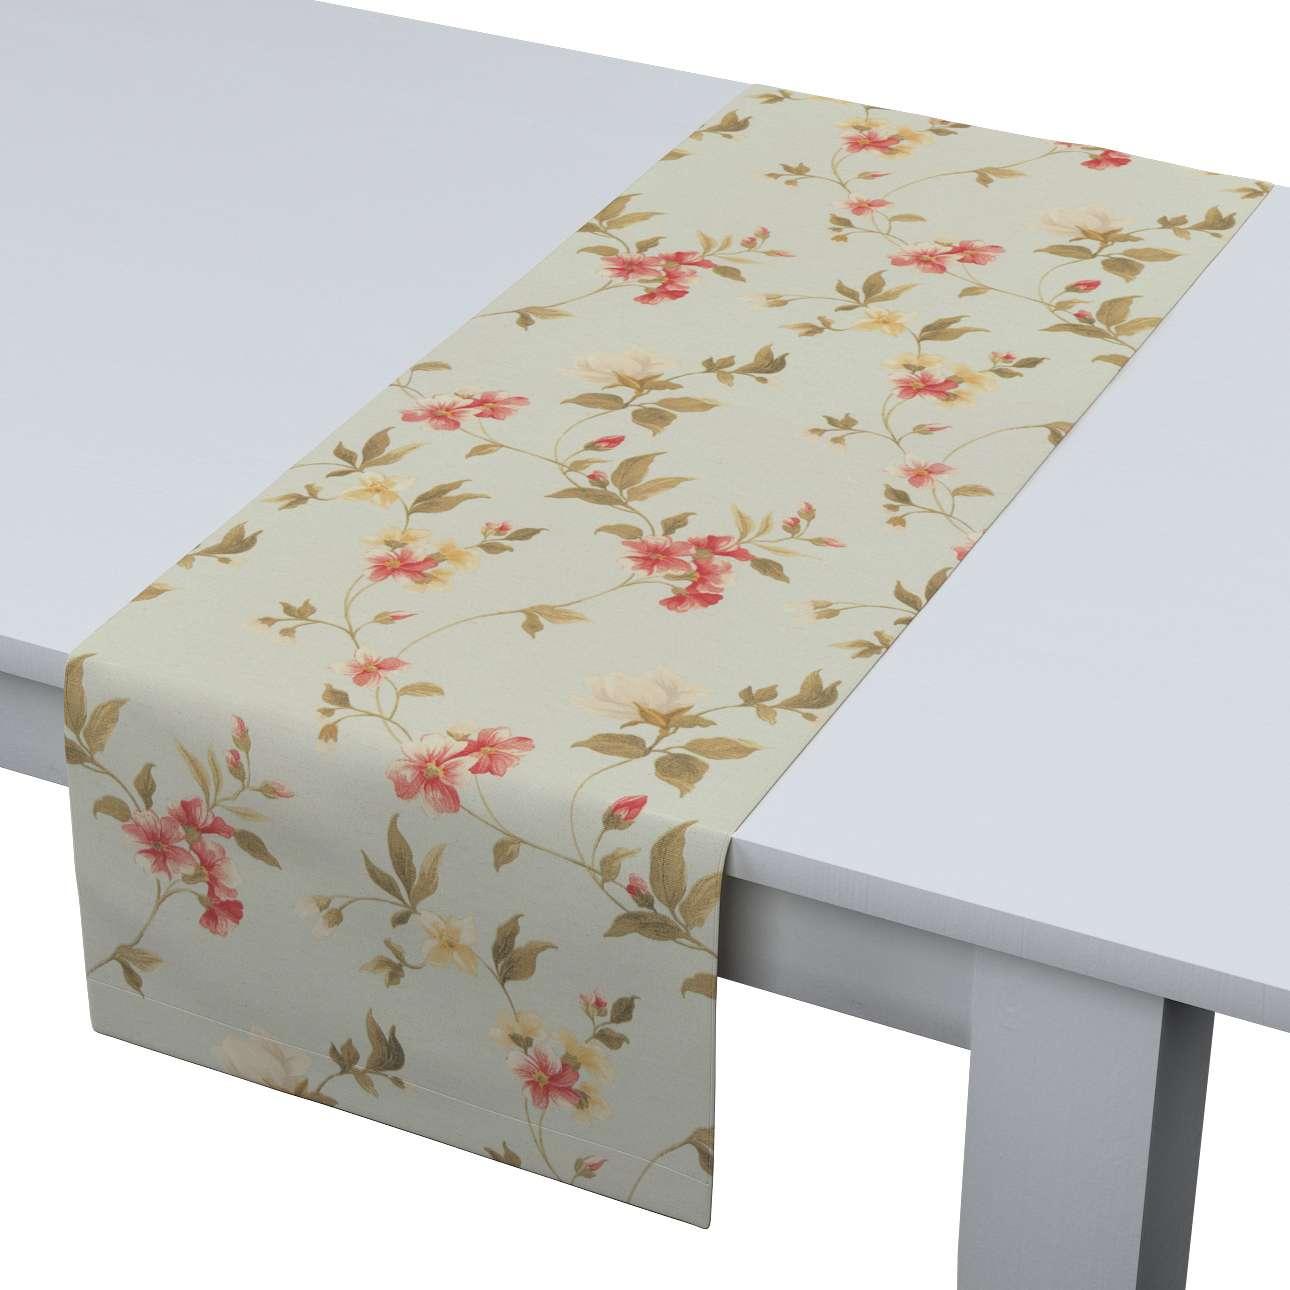 Rechteckiger Tischläufer 40 x 130 cm von der Kollektion Londres, Stoff: 124-65